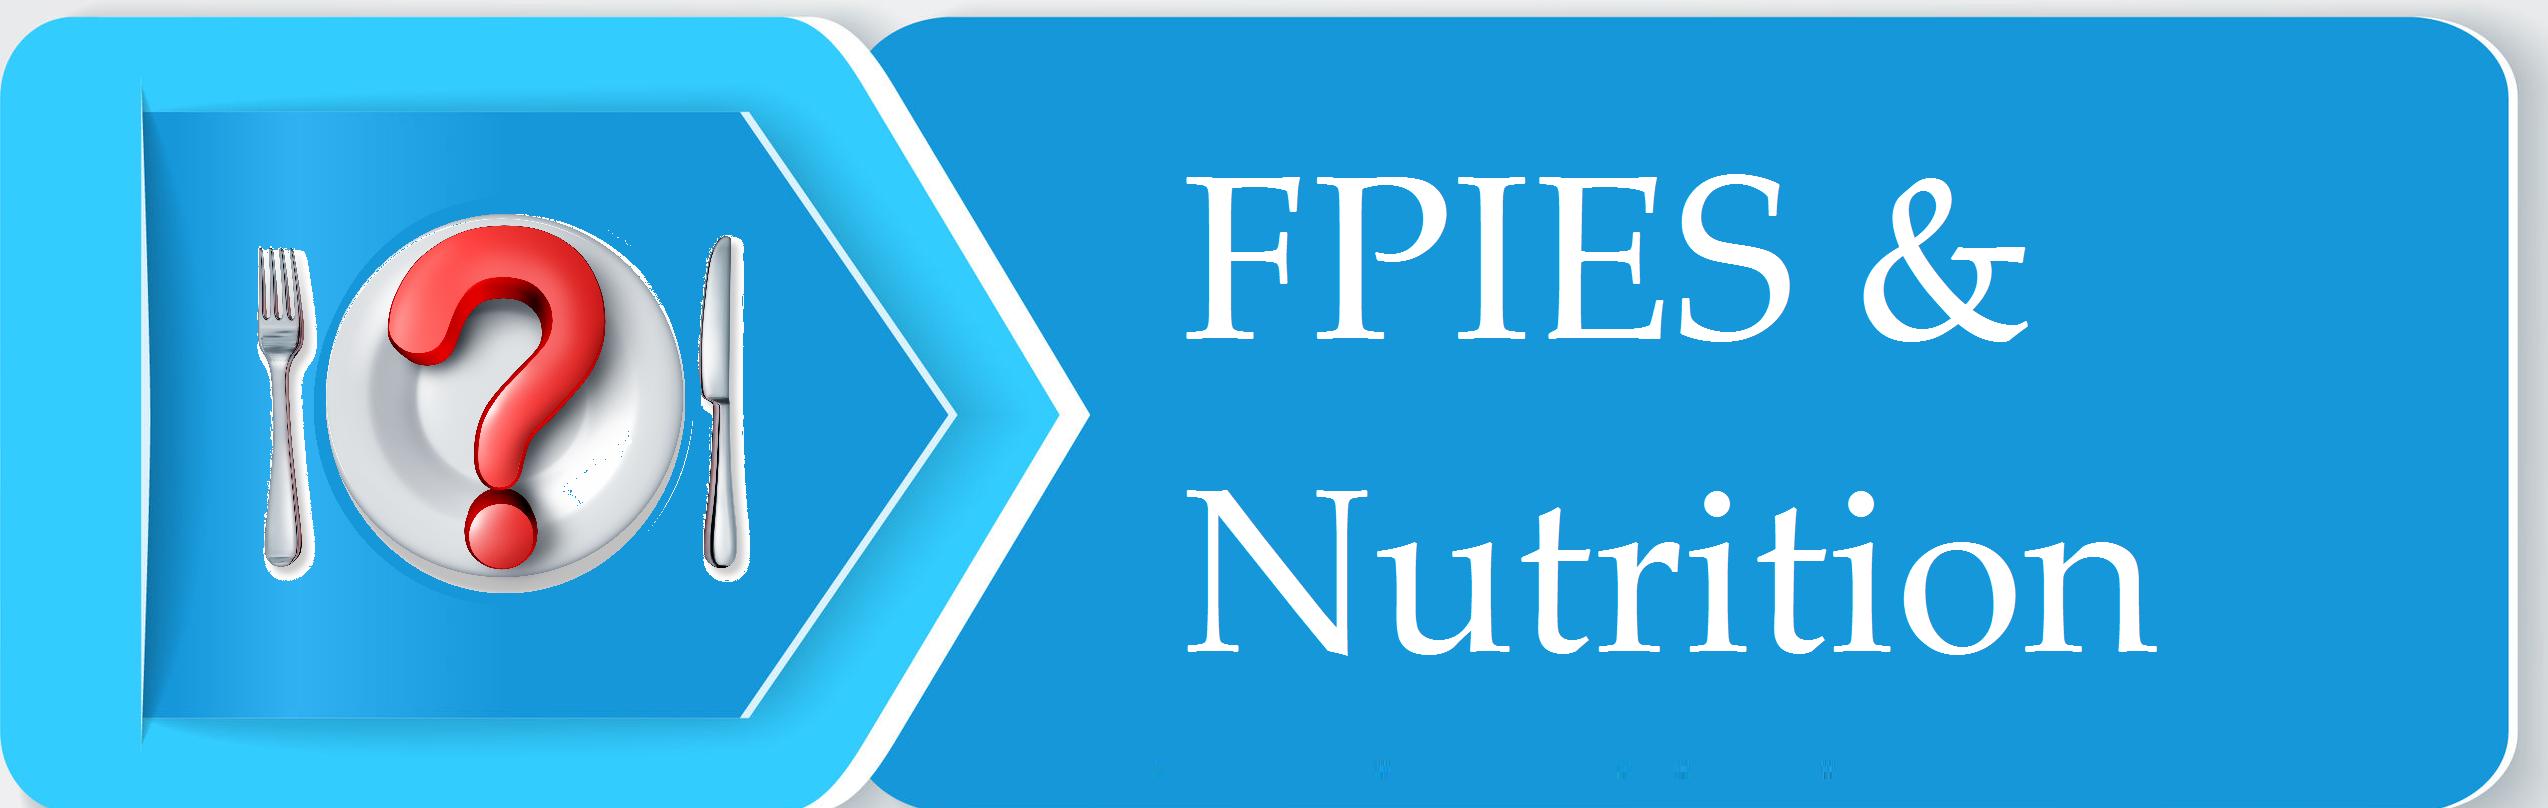 nutrition-webinar-page-clickable-bar1